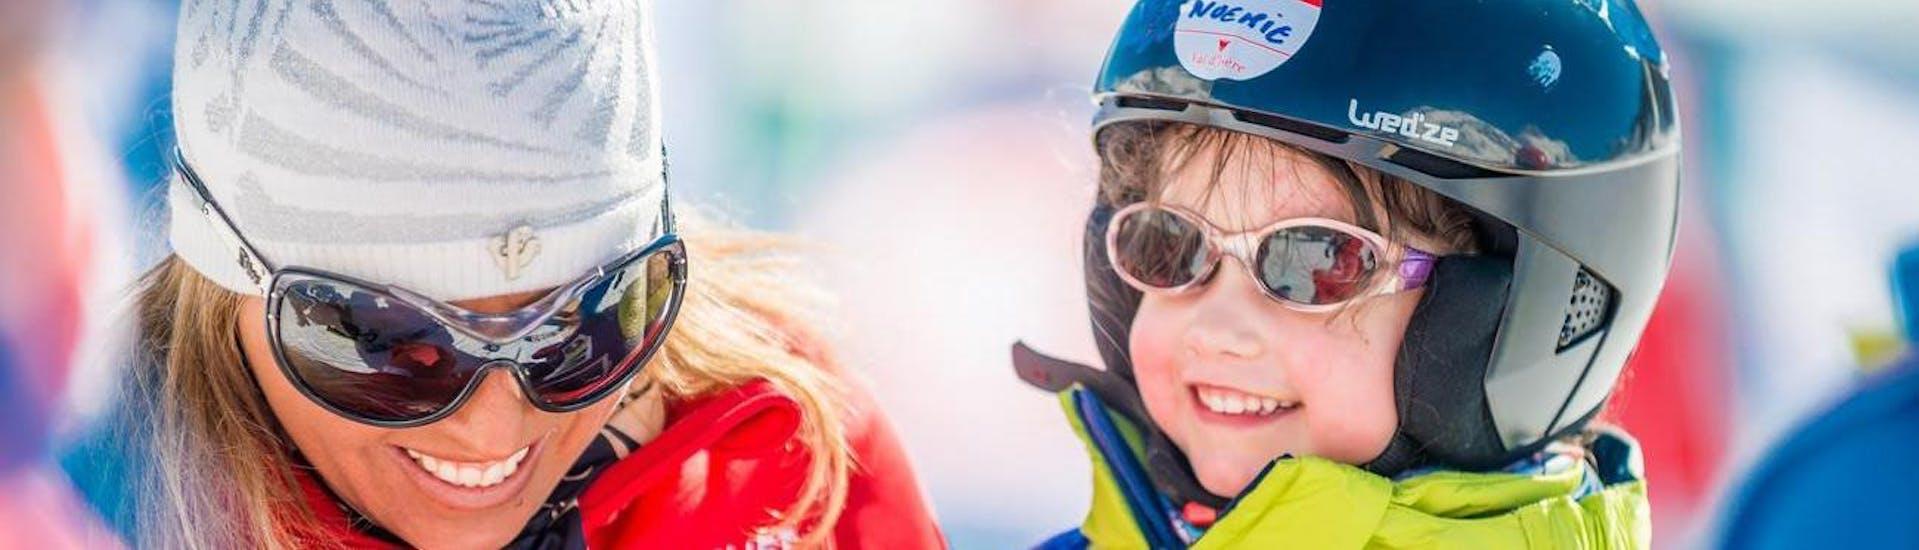 """Dans ce Cours de ski pour Enfants """"Max 8"""" (5-12 ans) - Avancé, un enfant améliore sa technique de ski sous la supervision d'un moniteur de l'école de ski ESF Val d'Isère."""